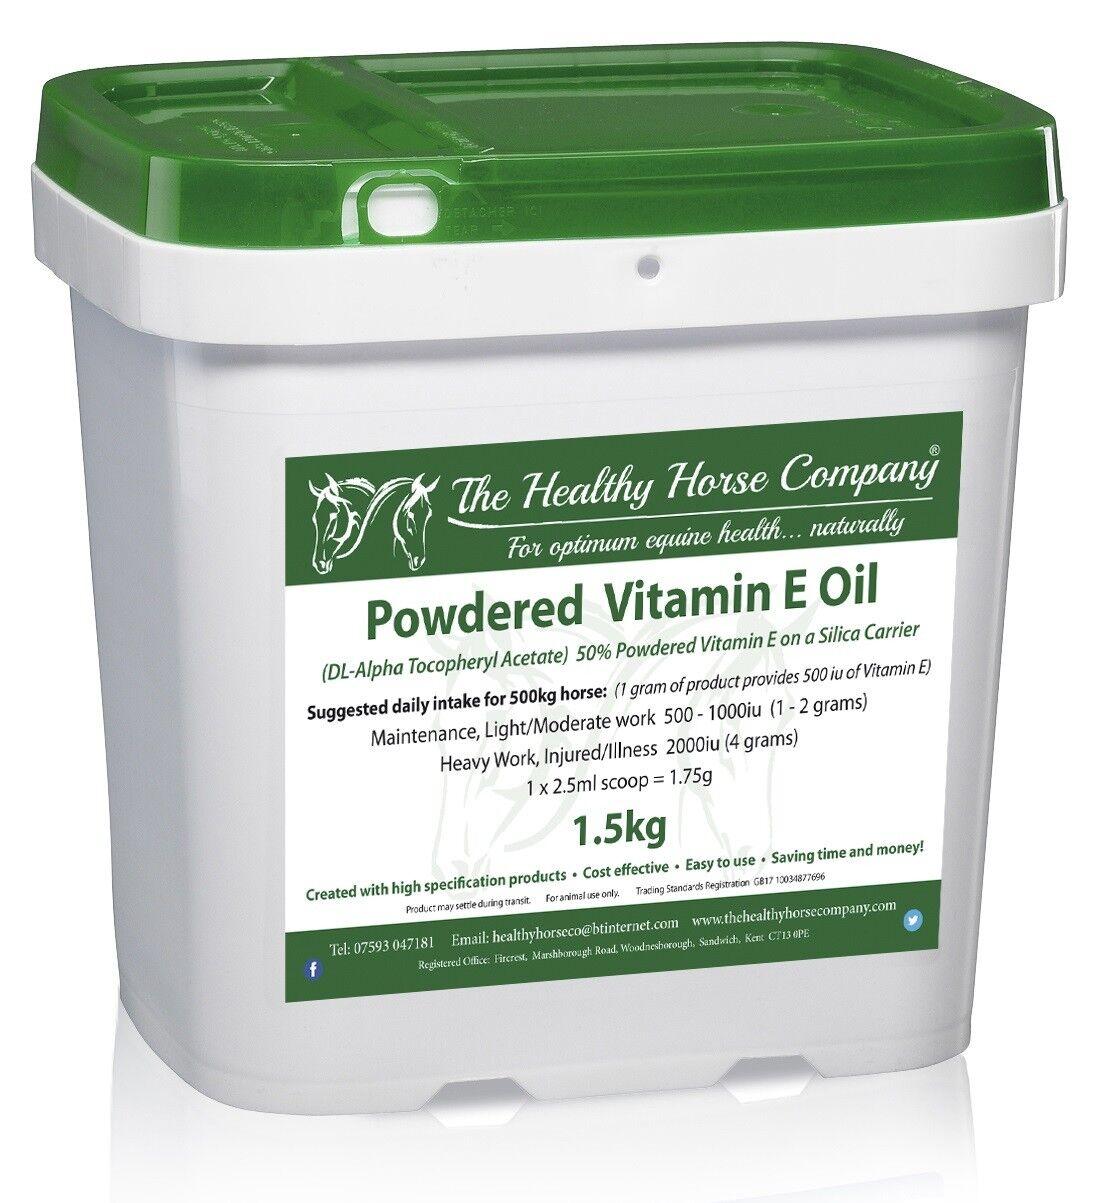 Vitamin E Oil - 1.5kg Refill - 50% Powdered Vit E Oil - Silica Carrier